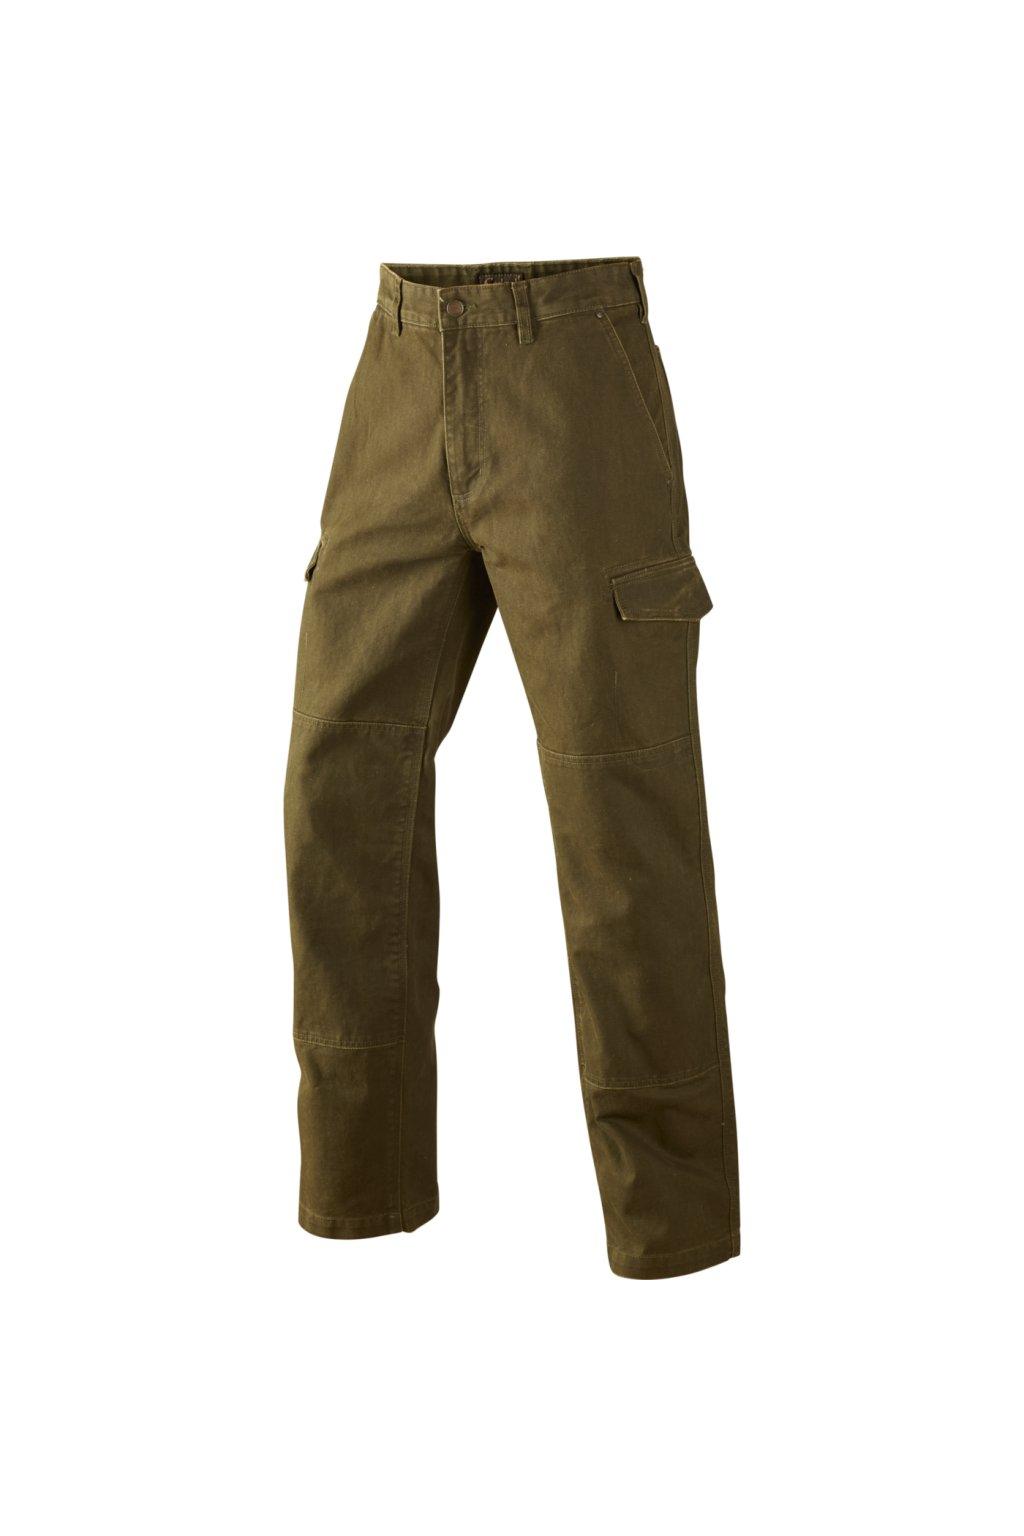 Seeland - Flint kalhoty pánské